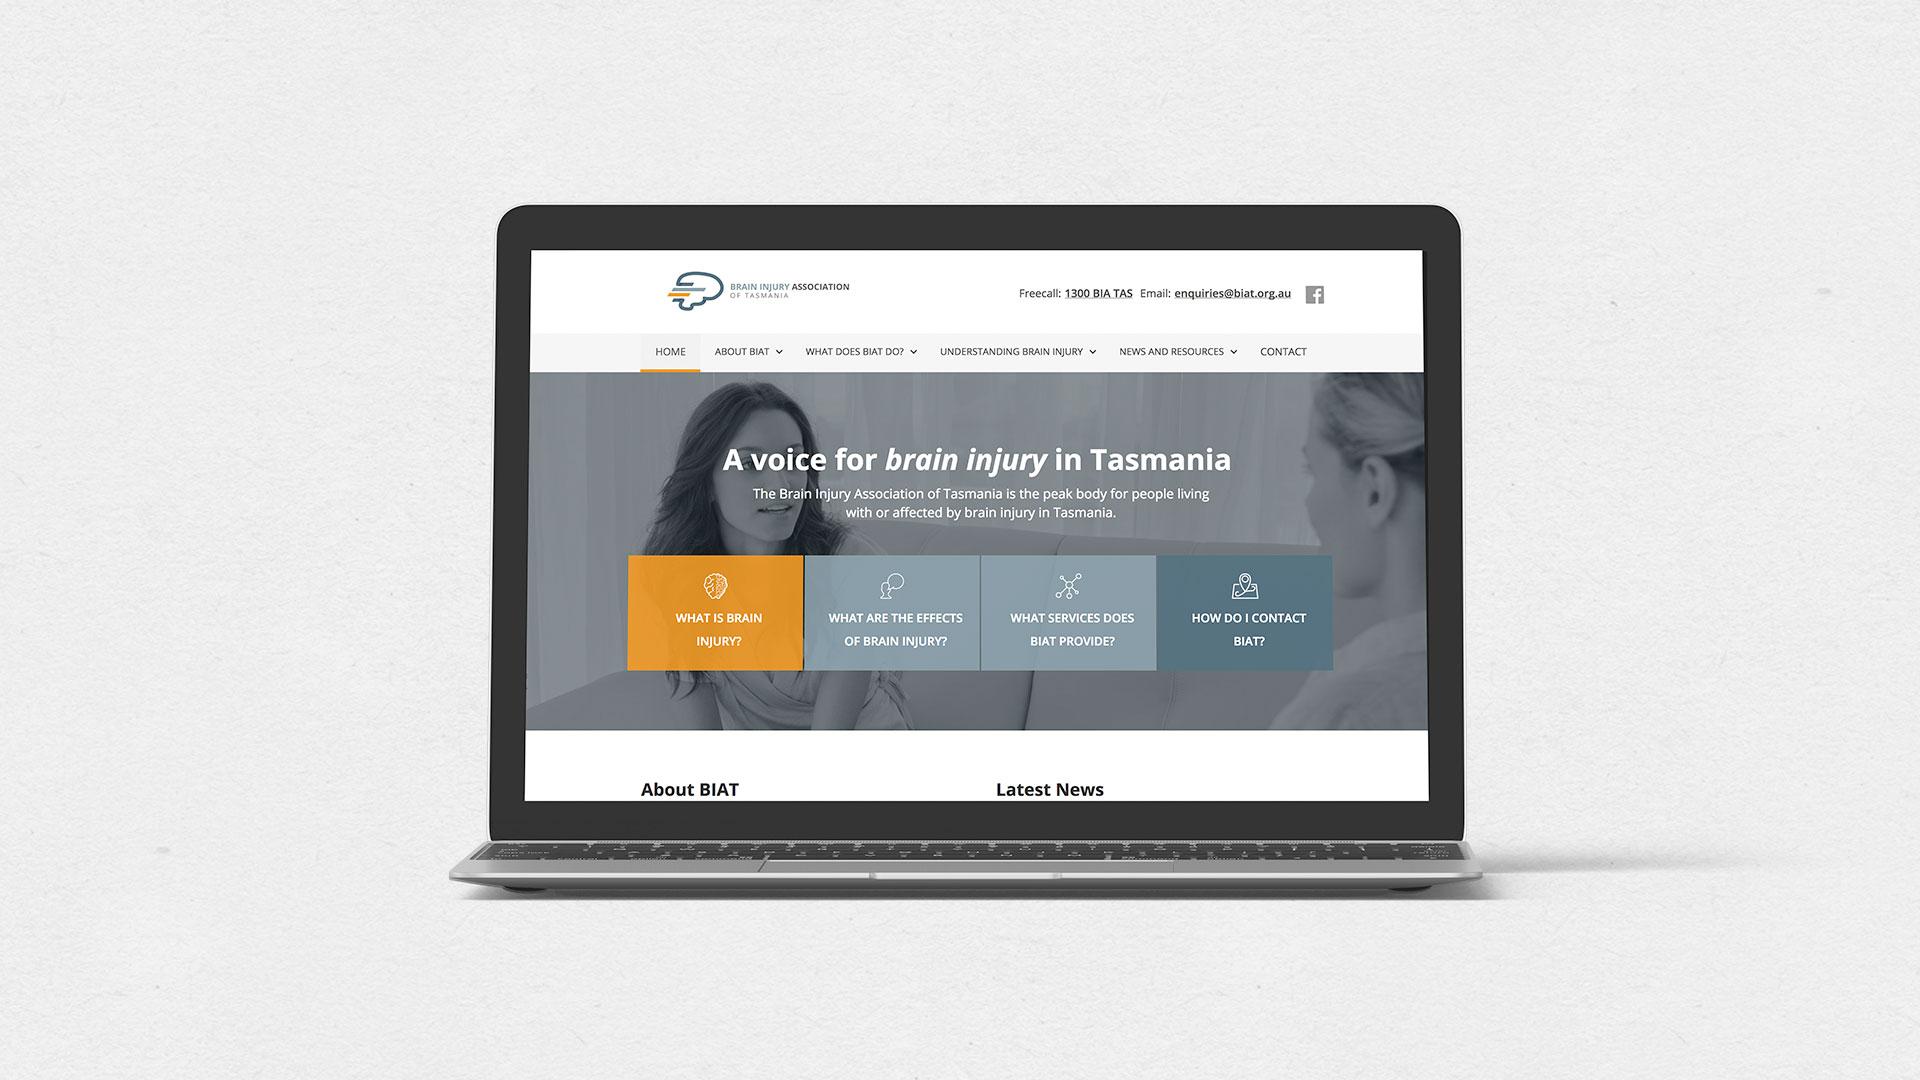 BIAT website on a laptop